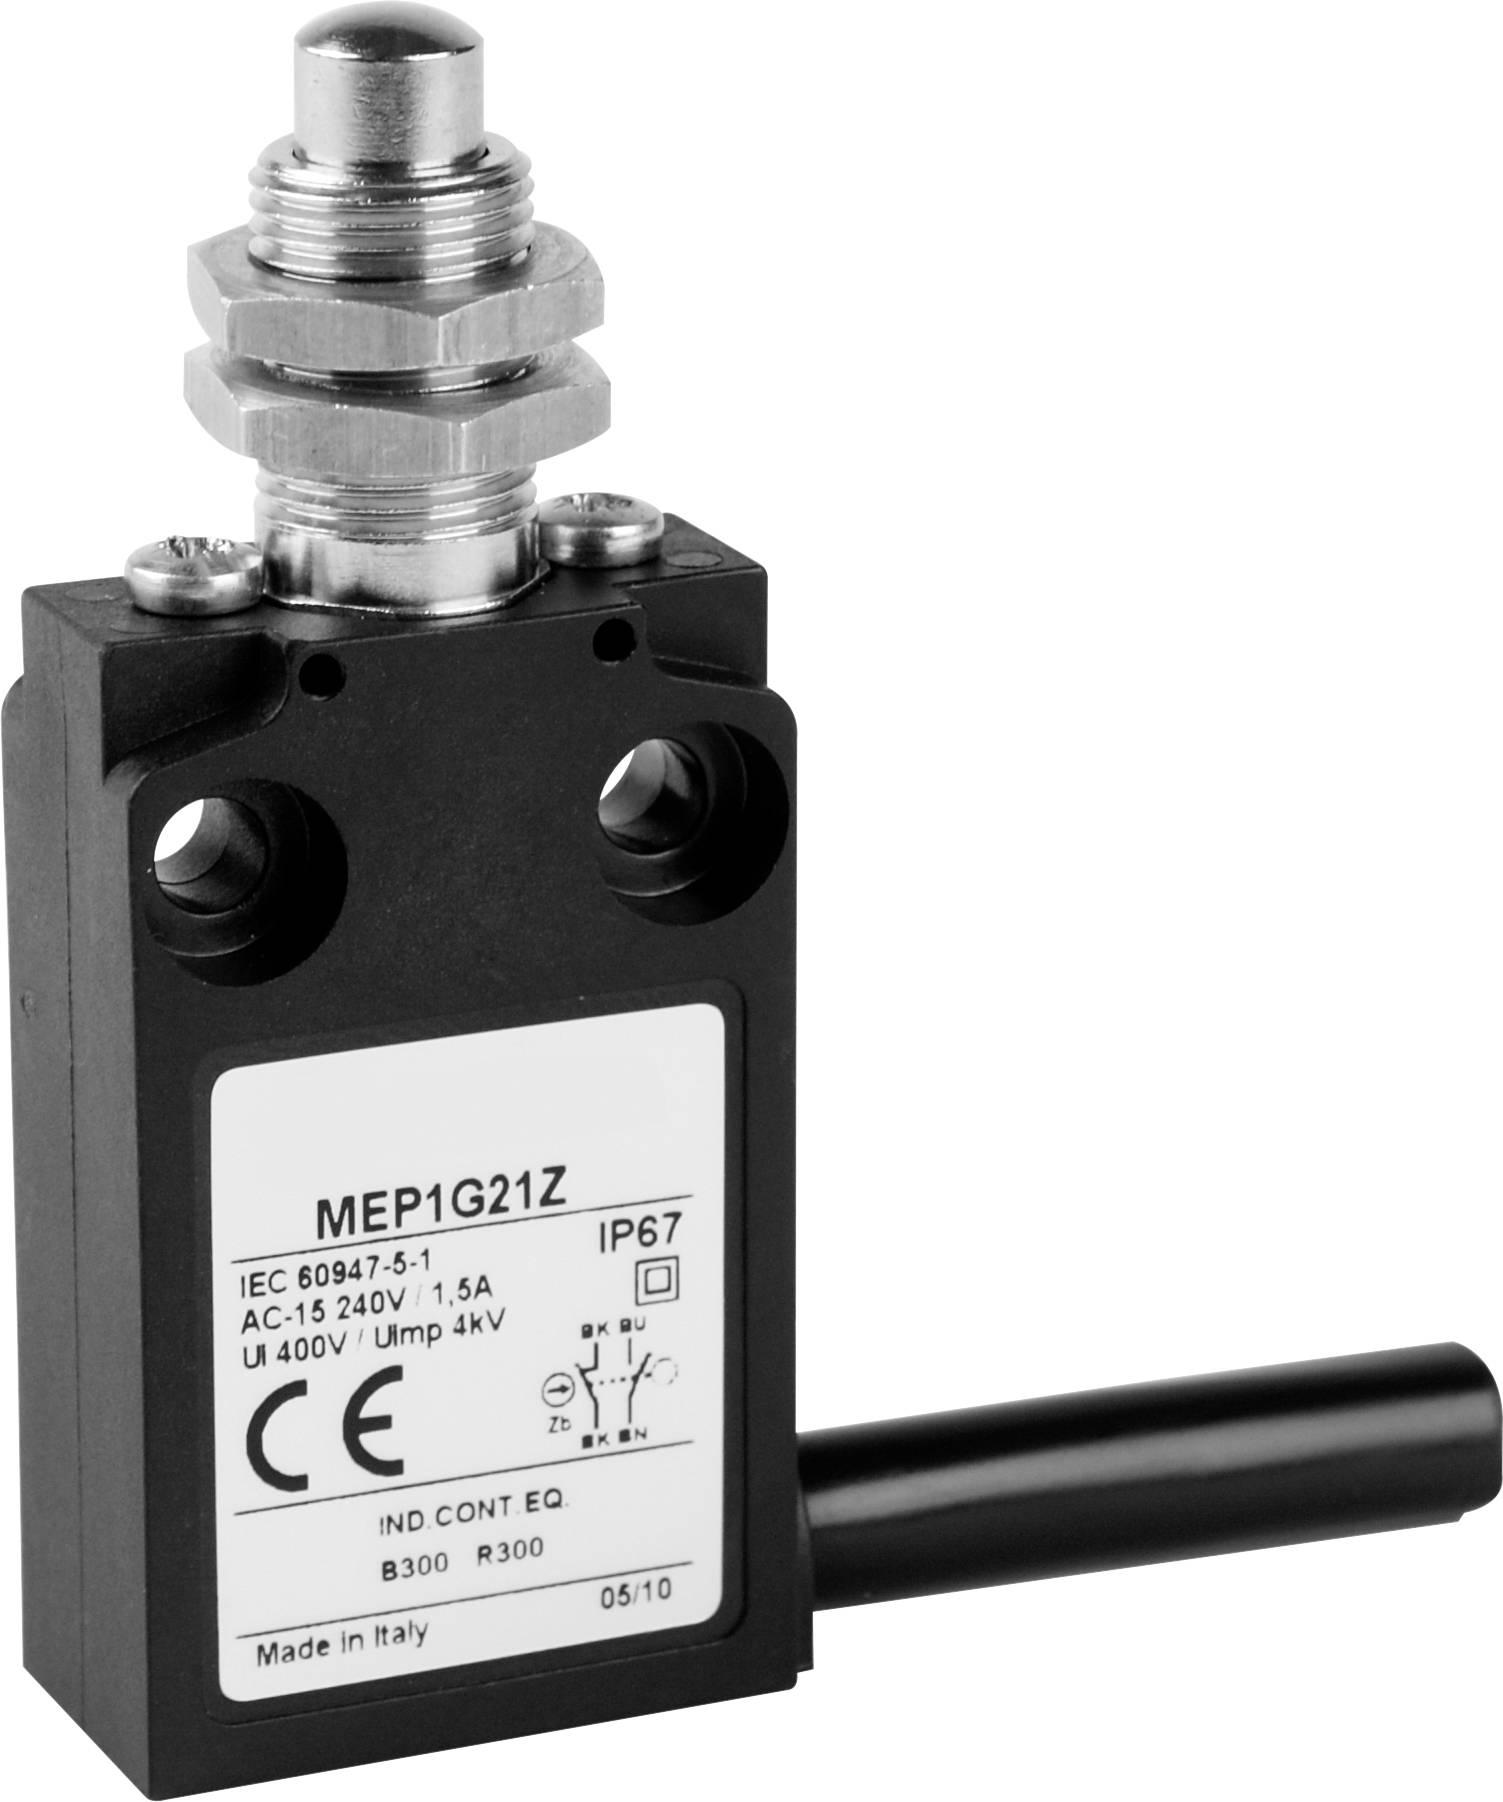 Koncový spínač Panasonic MEP1G21Z, 24 V, 5 A, zdvíhadlo so závitom, IP67, 1 ks